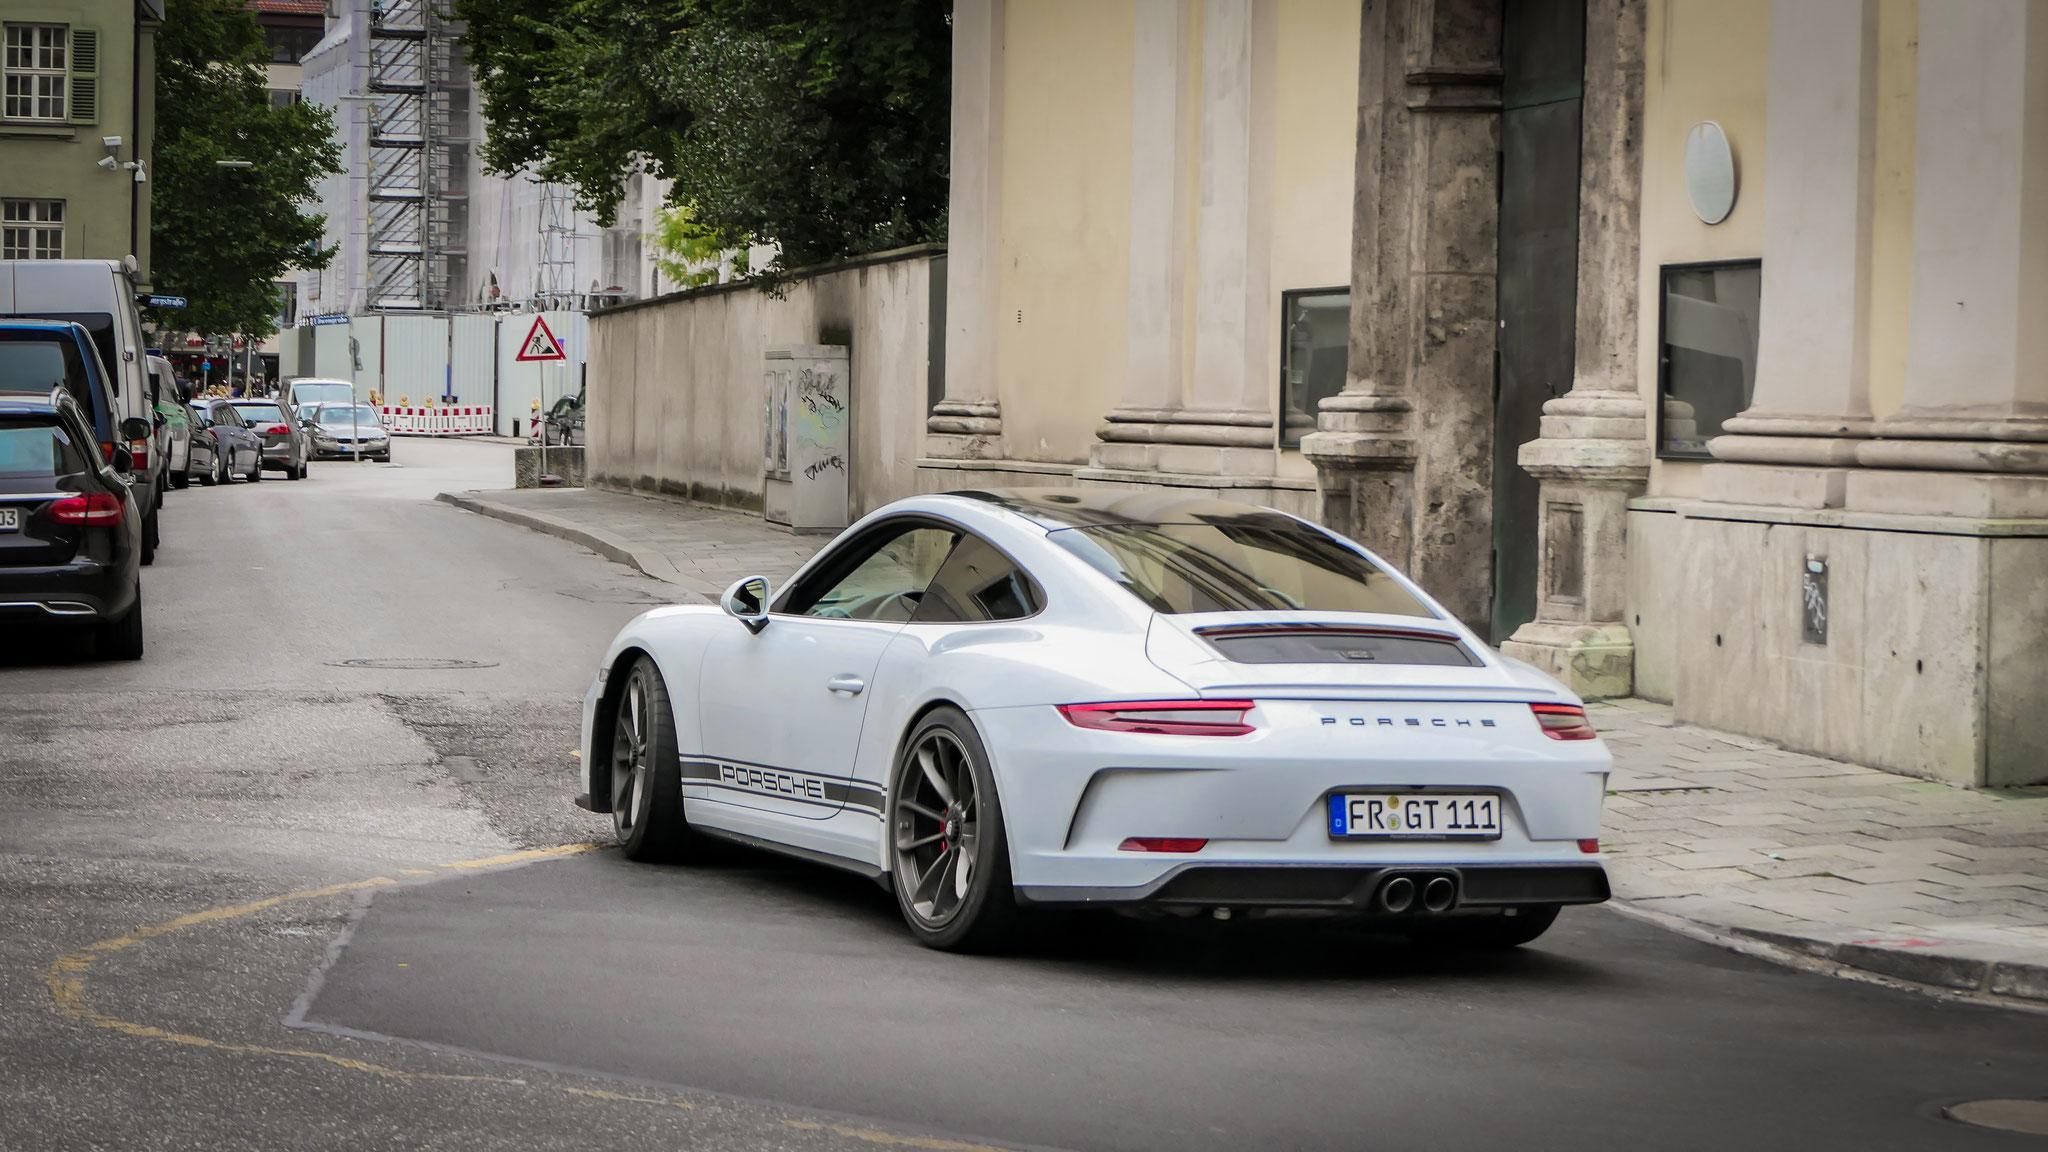 Porsche 991 GT3 Touring Package - FR-GT-111